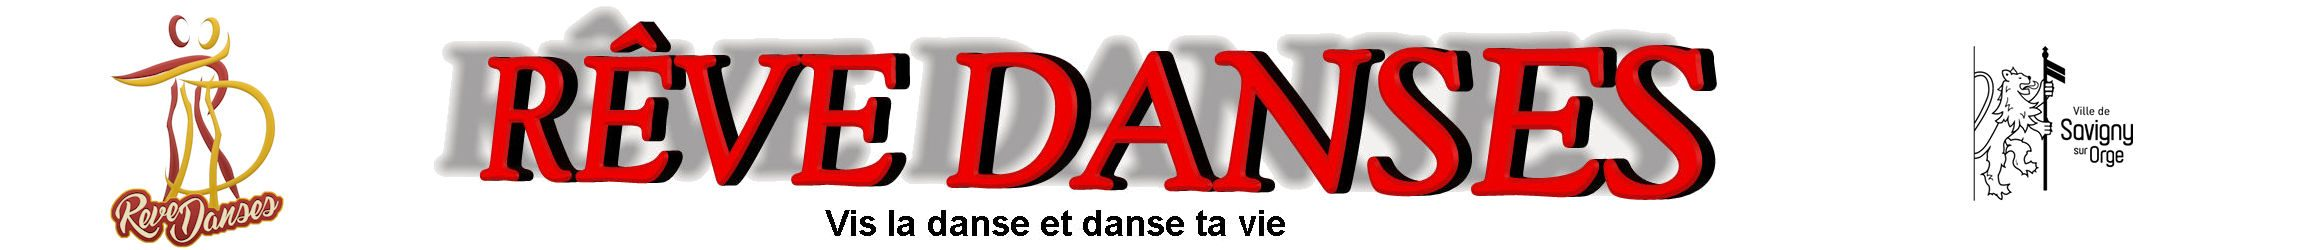 Danses en couple : danses de salon, rock, danses cubaines